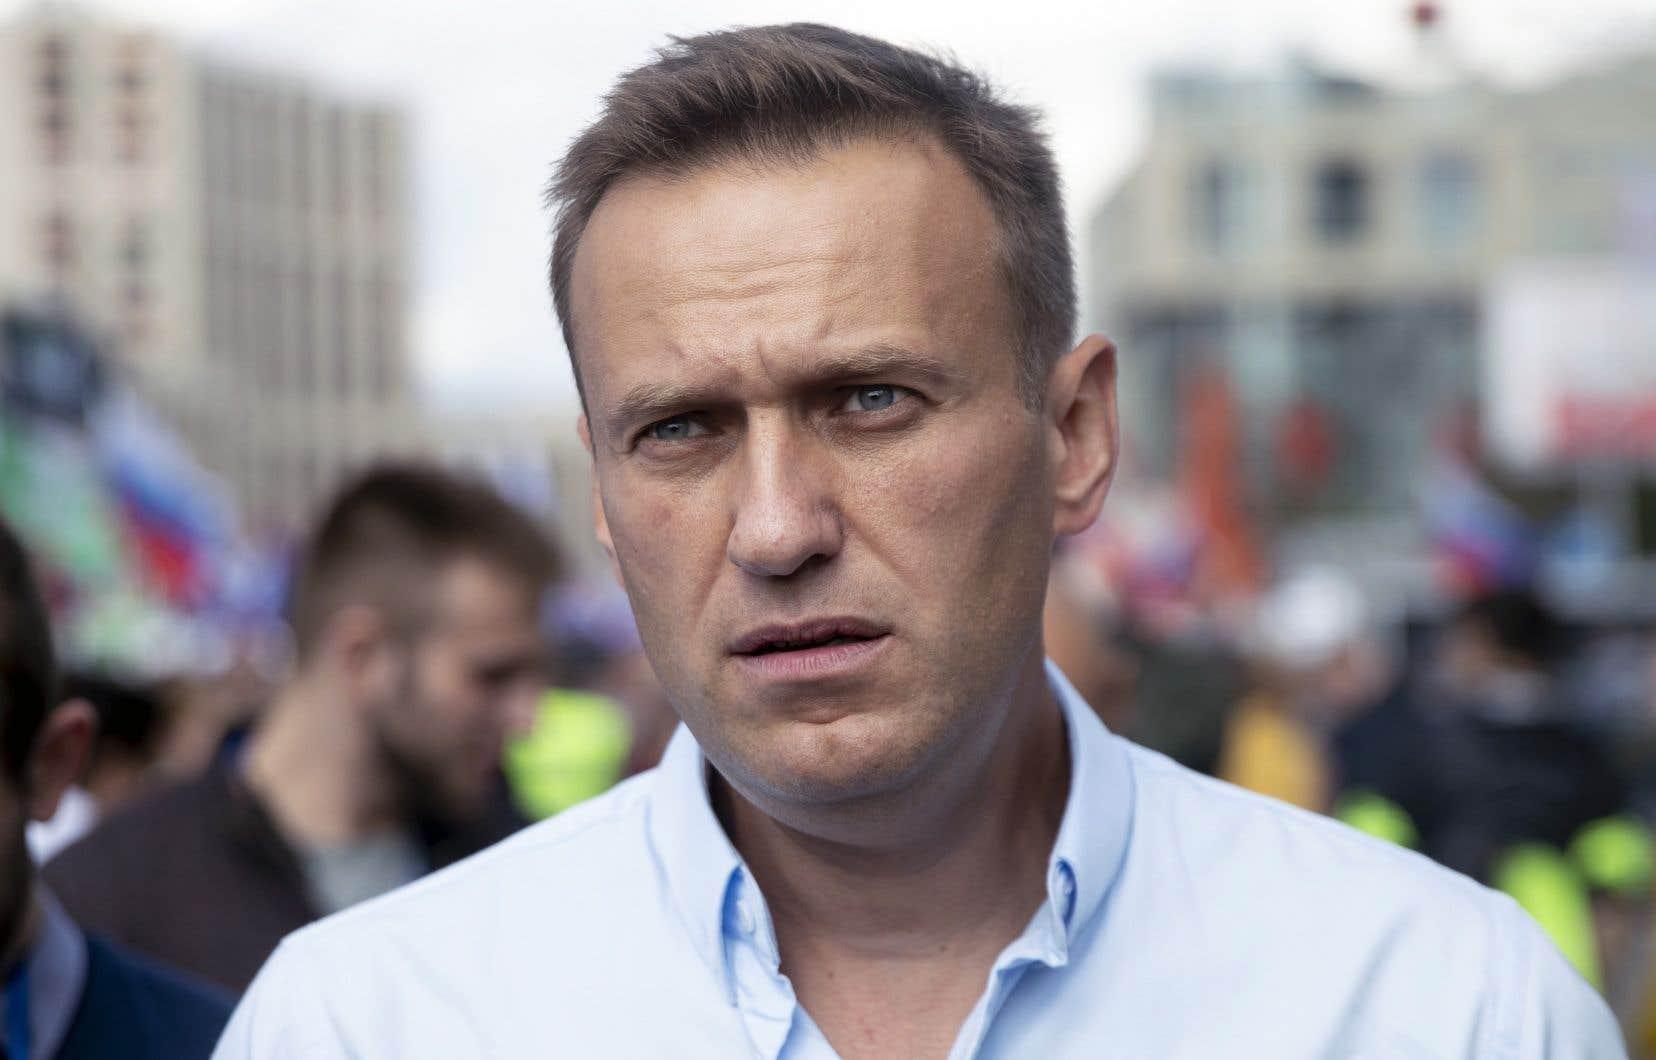 Le militant de l'opposition russe, Alexeï Navalny, a assisté à une manifestation à Moscou, samedi dernier. Plusieurs personnes se sont rassemblées pour demander que les candidats de l'opposition soient inscrits sur les bulletins de vote pour les élections législatives de septembre prochain.